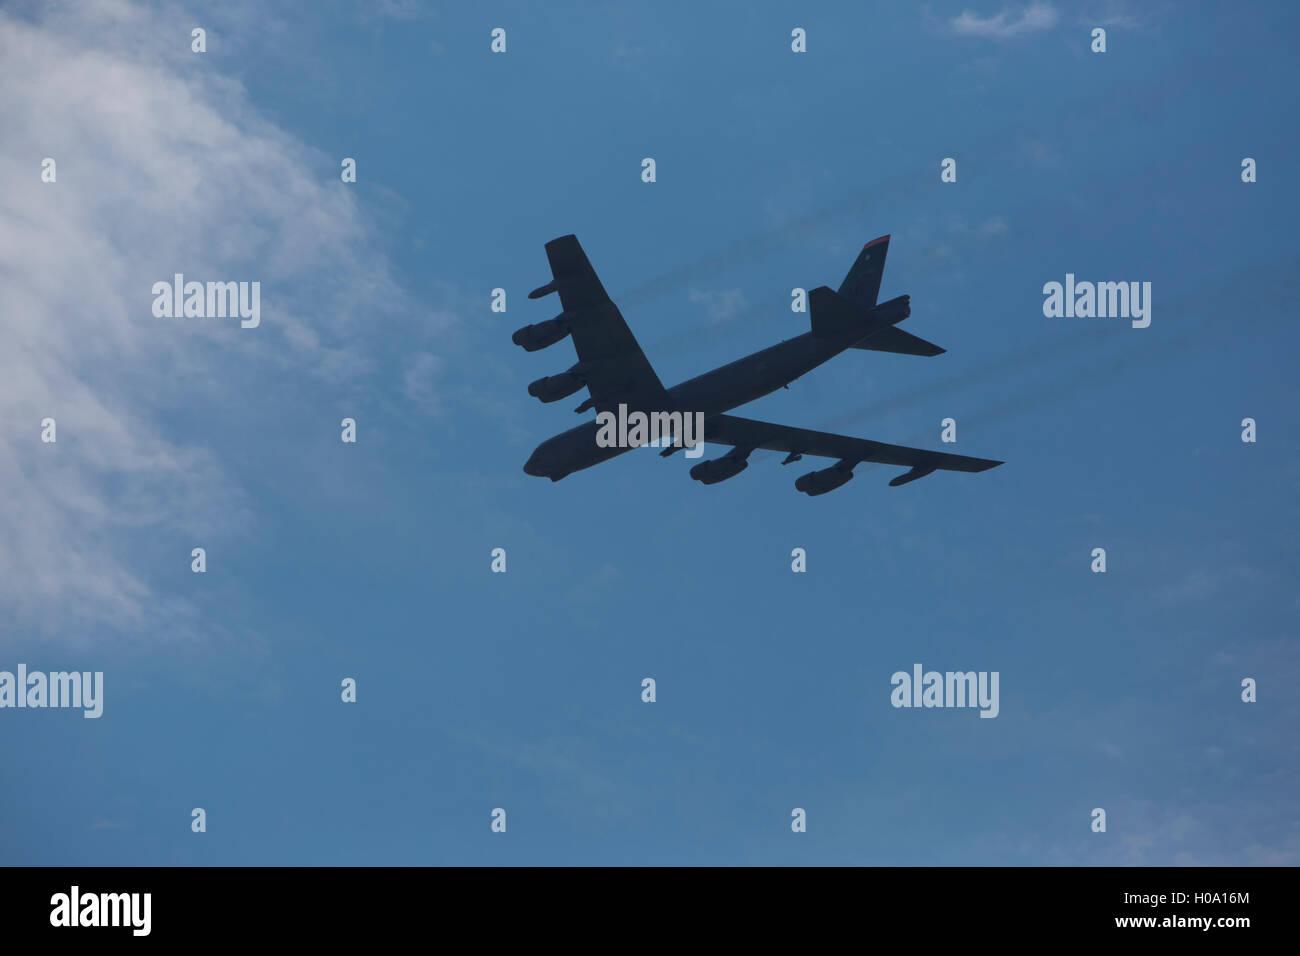 Boeing B-52 Stratofortress, bombardier à long rayon d'action de l'US Air Force, im Flug Banque D'Images